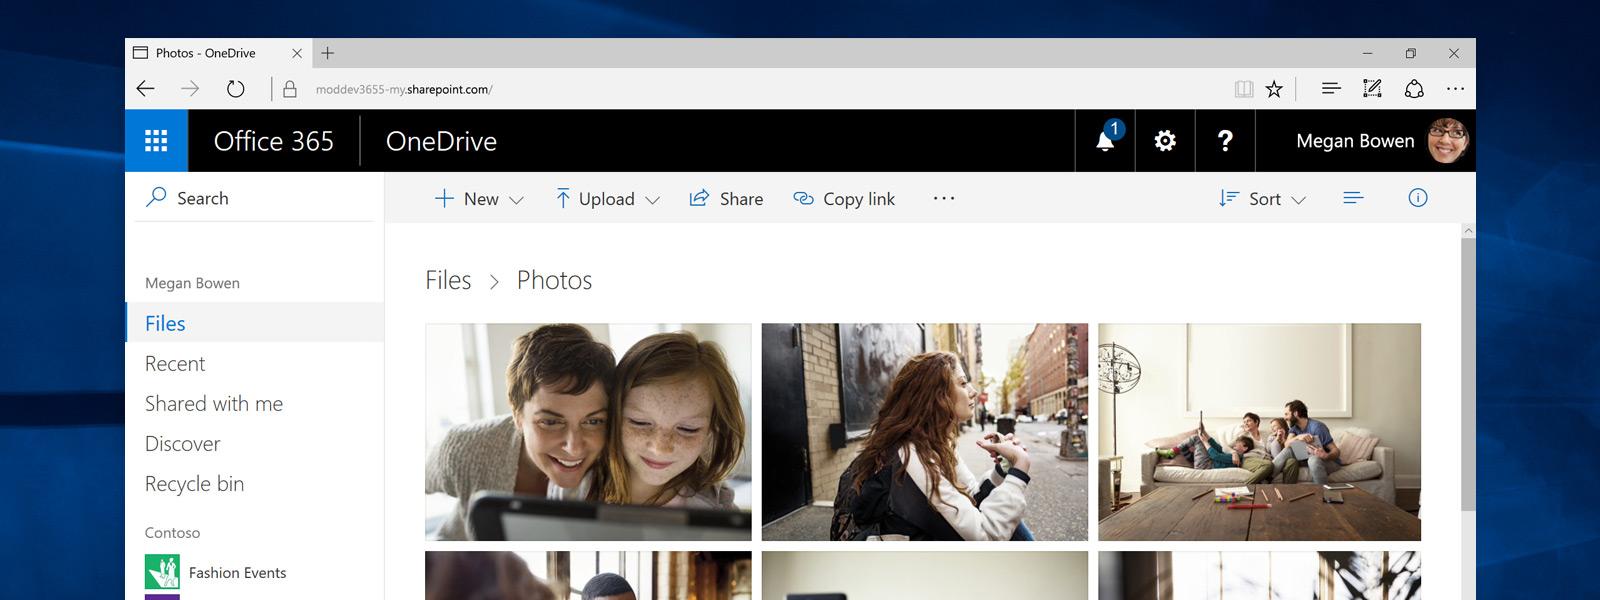 En Microsoft Edge-nettleser med OneDrive åpen som viser bilder som er lagret